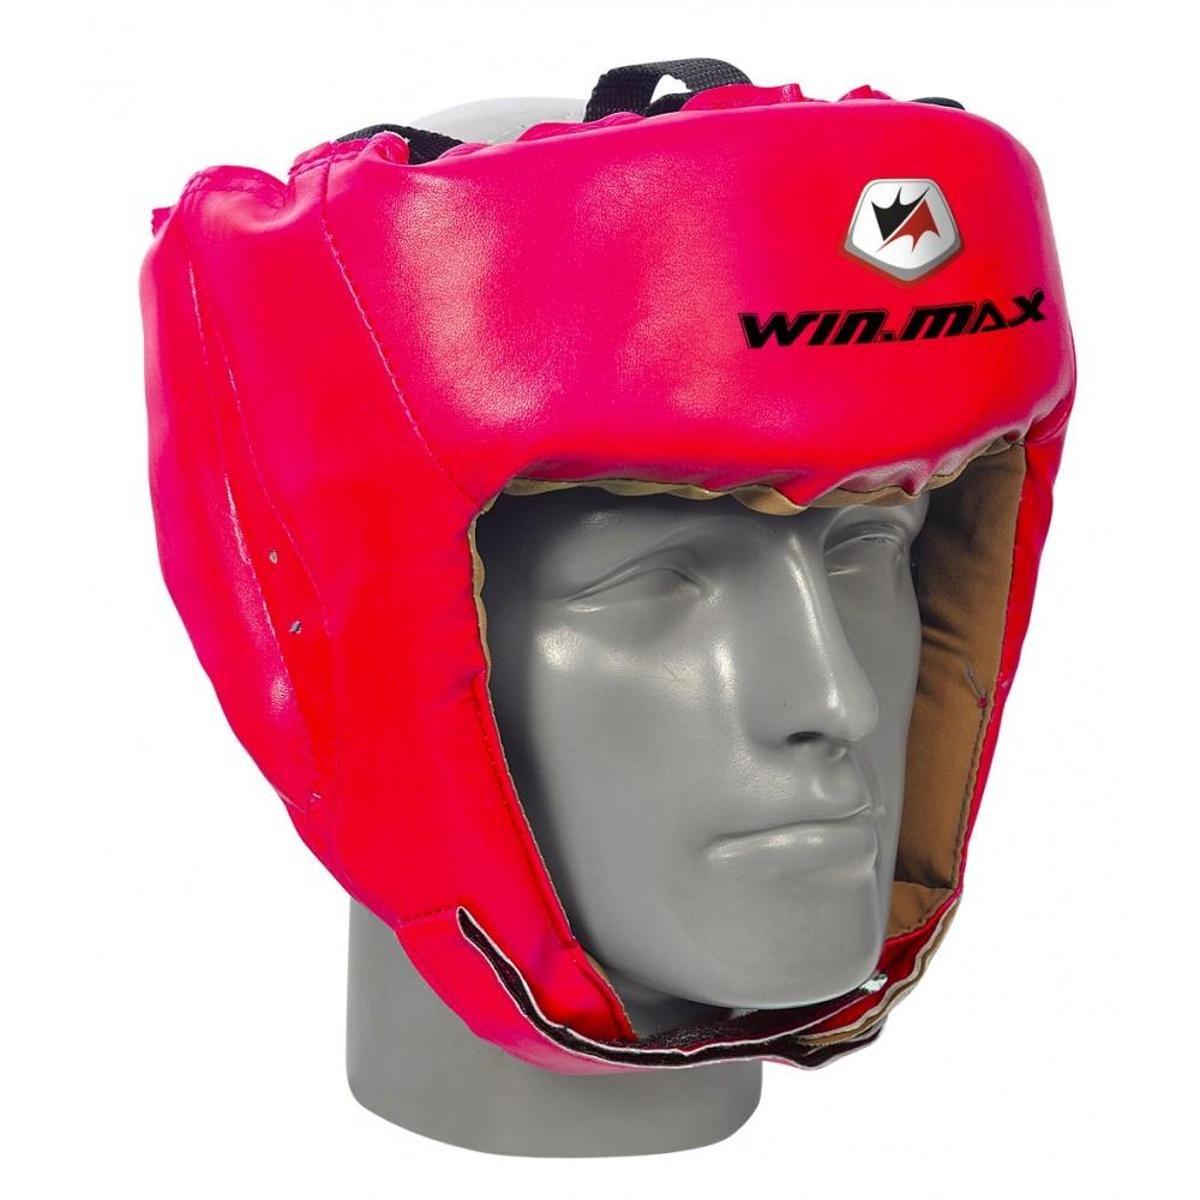 Protetor de Cabeça Winmax - Vermelho - Compre Agora   Netshoes 92fd018ef2